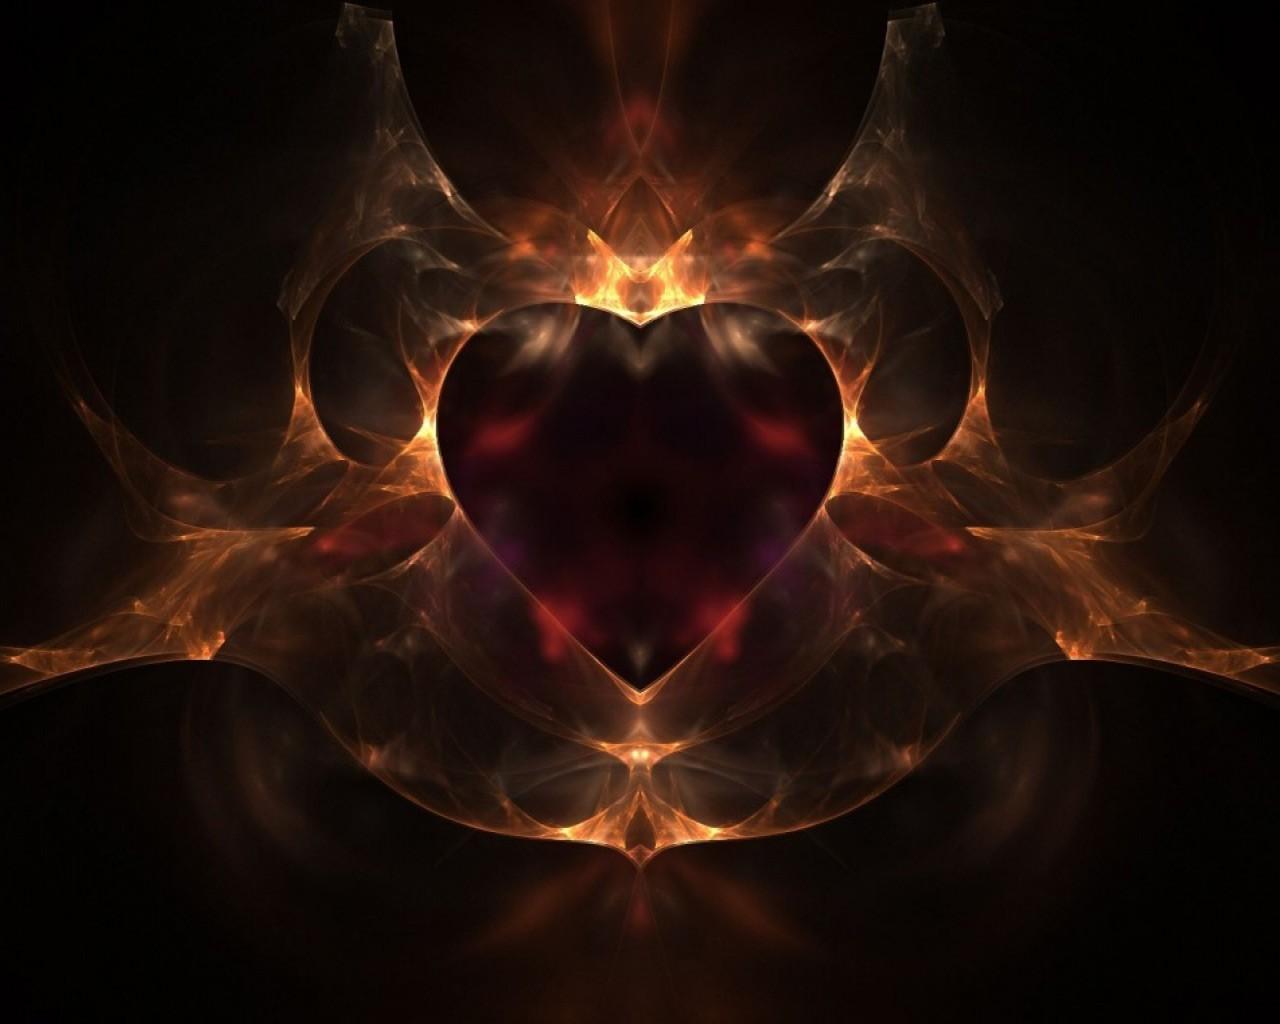 http://2.bp.blogspot.com/-iWq3i0MaXmE/TdDe8AbbiFI/AAAAAAAAASQ/z356-0FkBeo/s1600/Heart-Of-Fire-Wallpaper.jpg